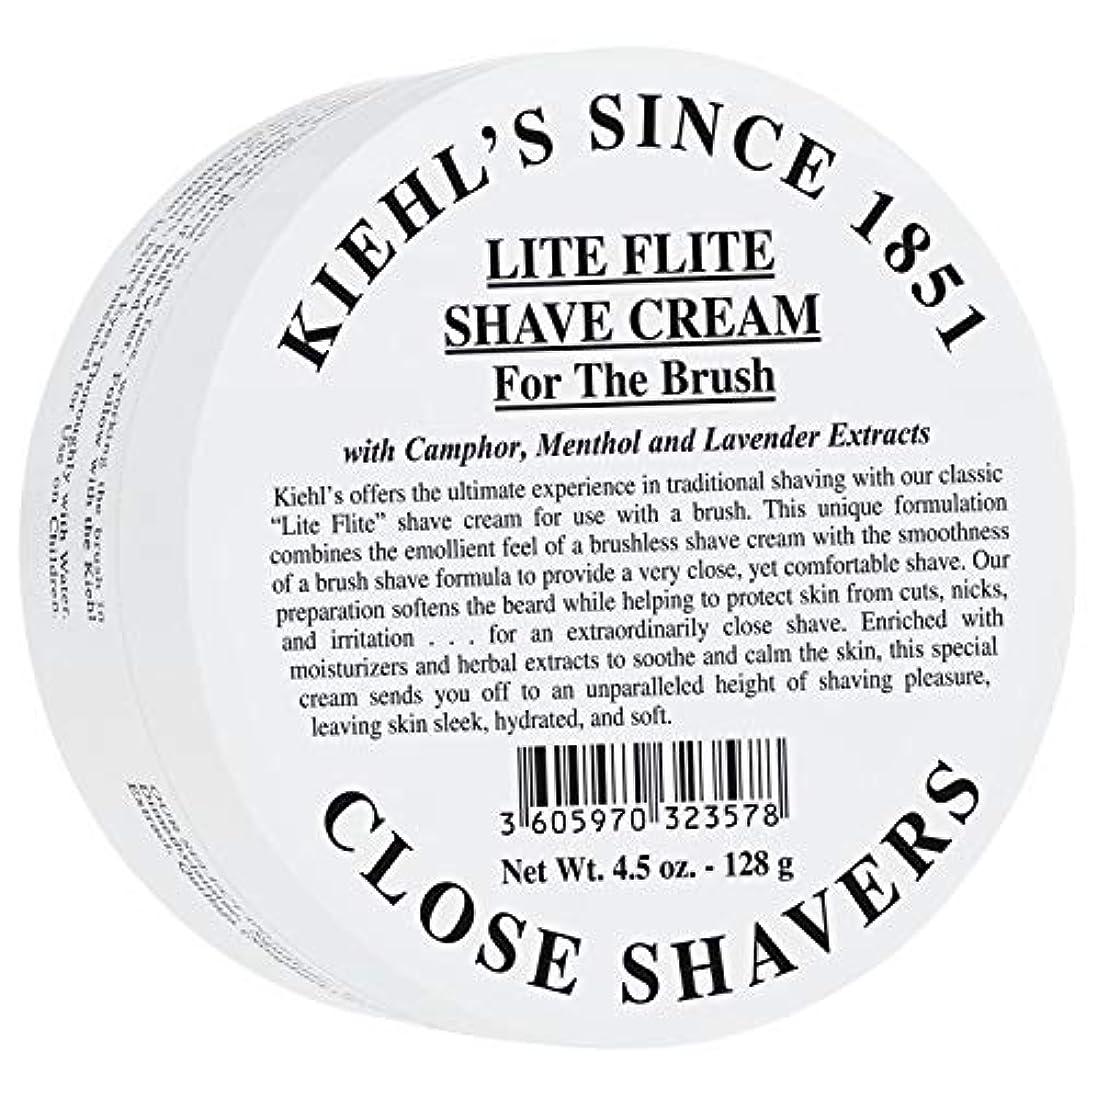 顔料ワゴン幻滅する[Kiehl's] キールズLiteの飛行シェーブクリーム128グラム - Kiehl's Lite Flight Shave Cream 128g [並行輸入品]